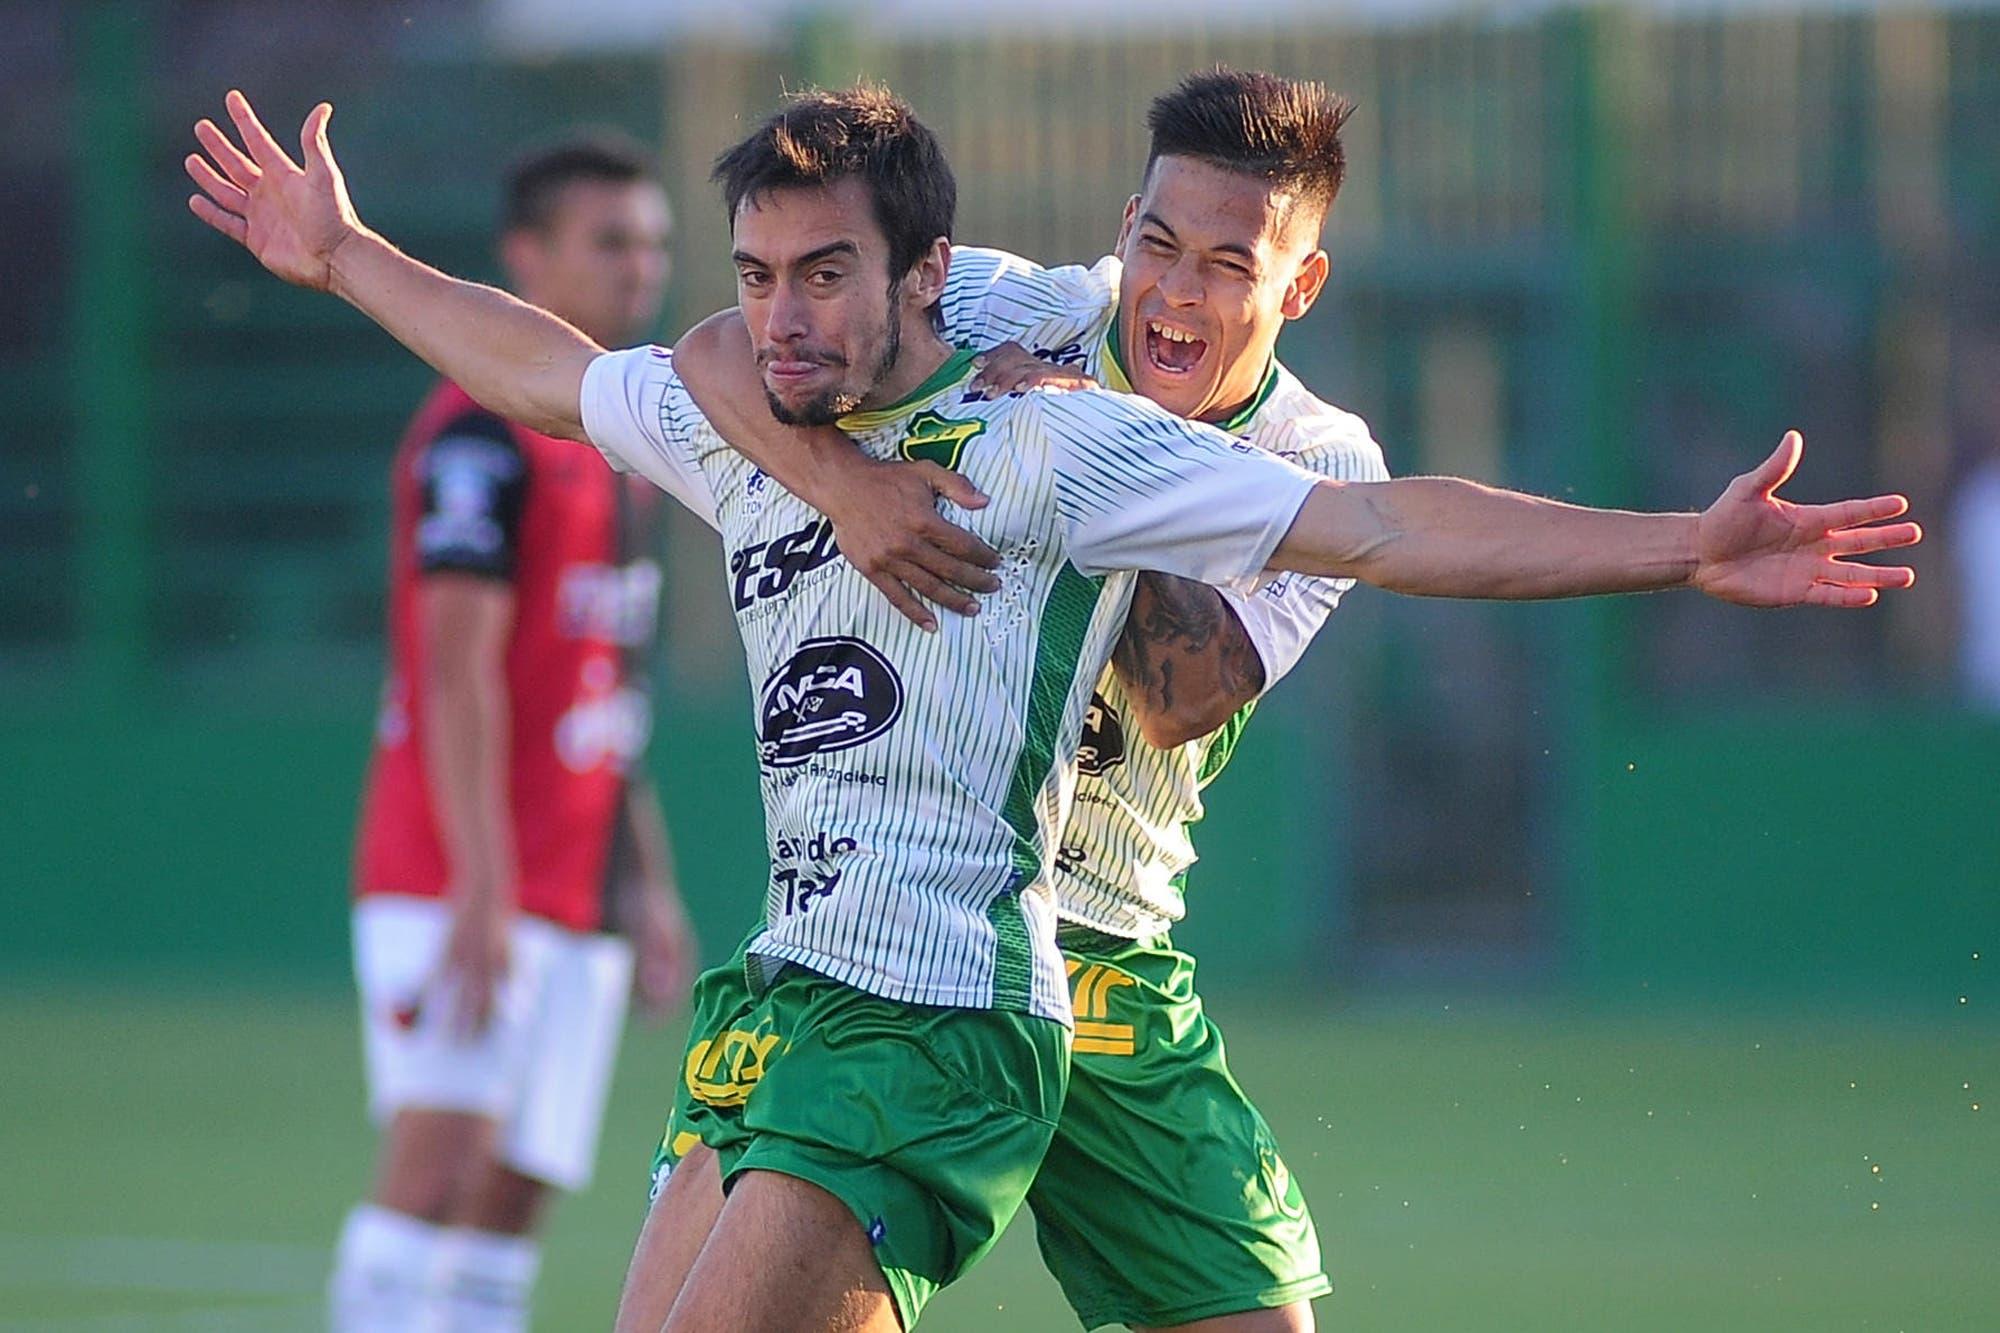 Defensa y Justicia-Colón, Superliga: el equipo sensación va por más